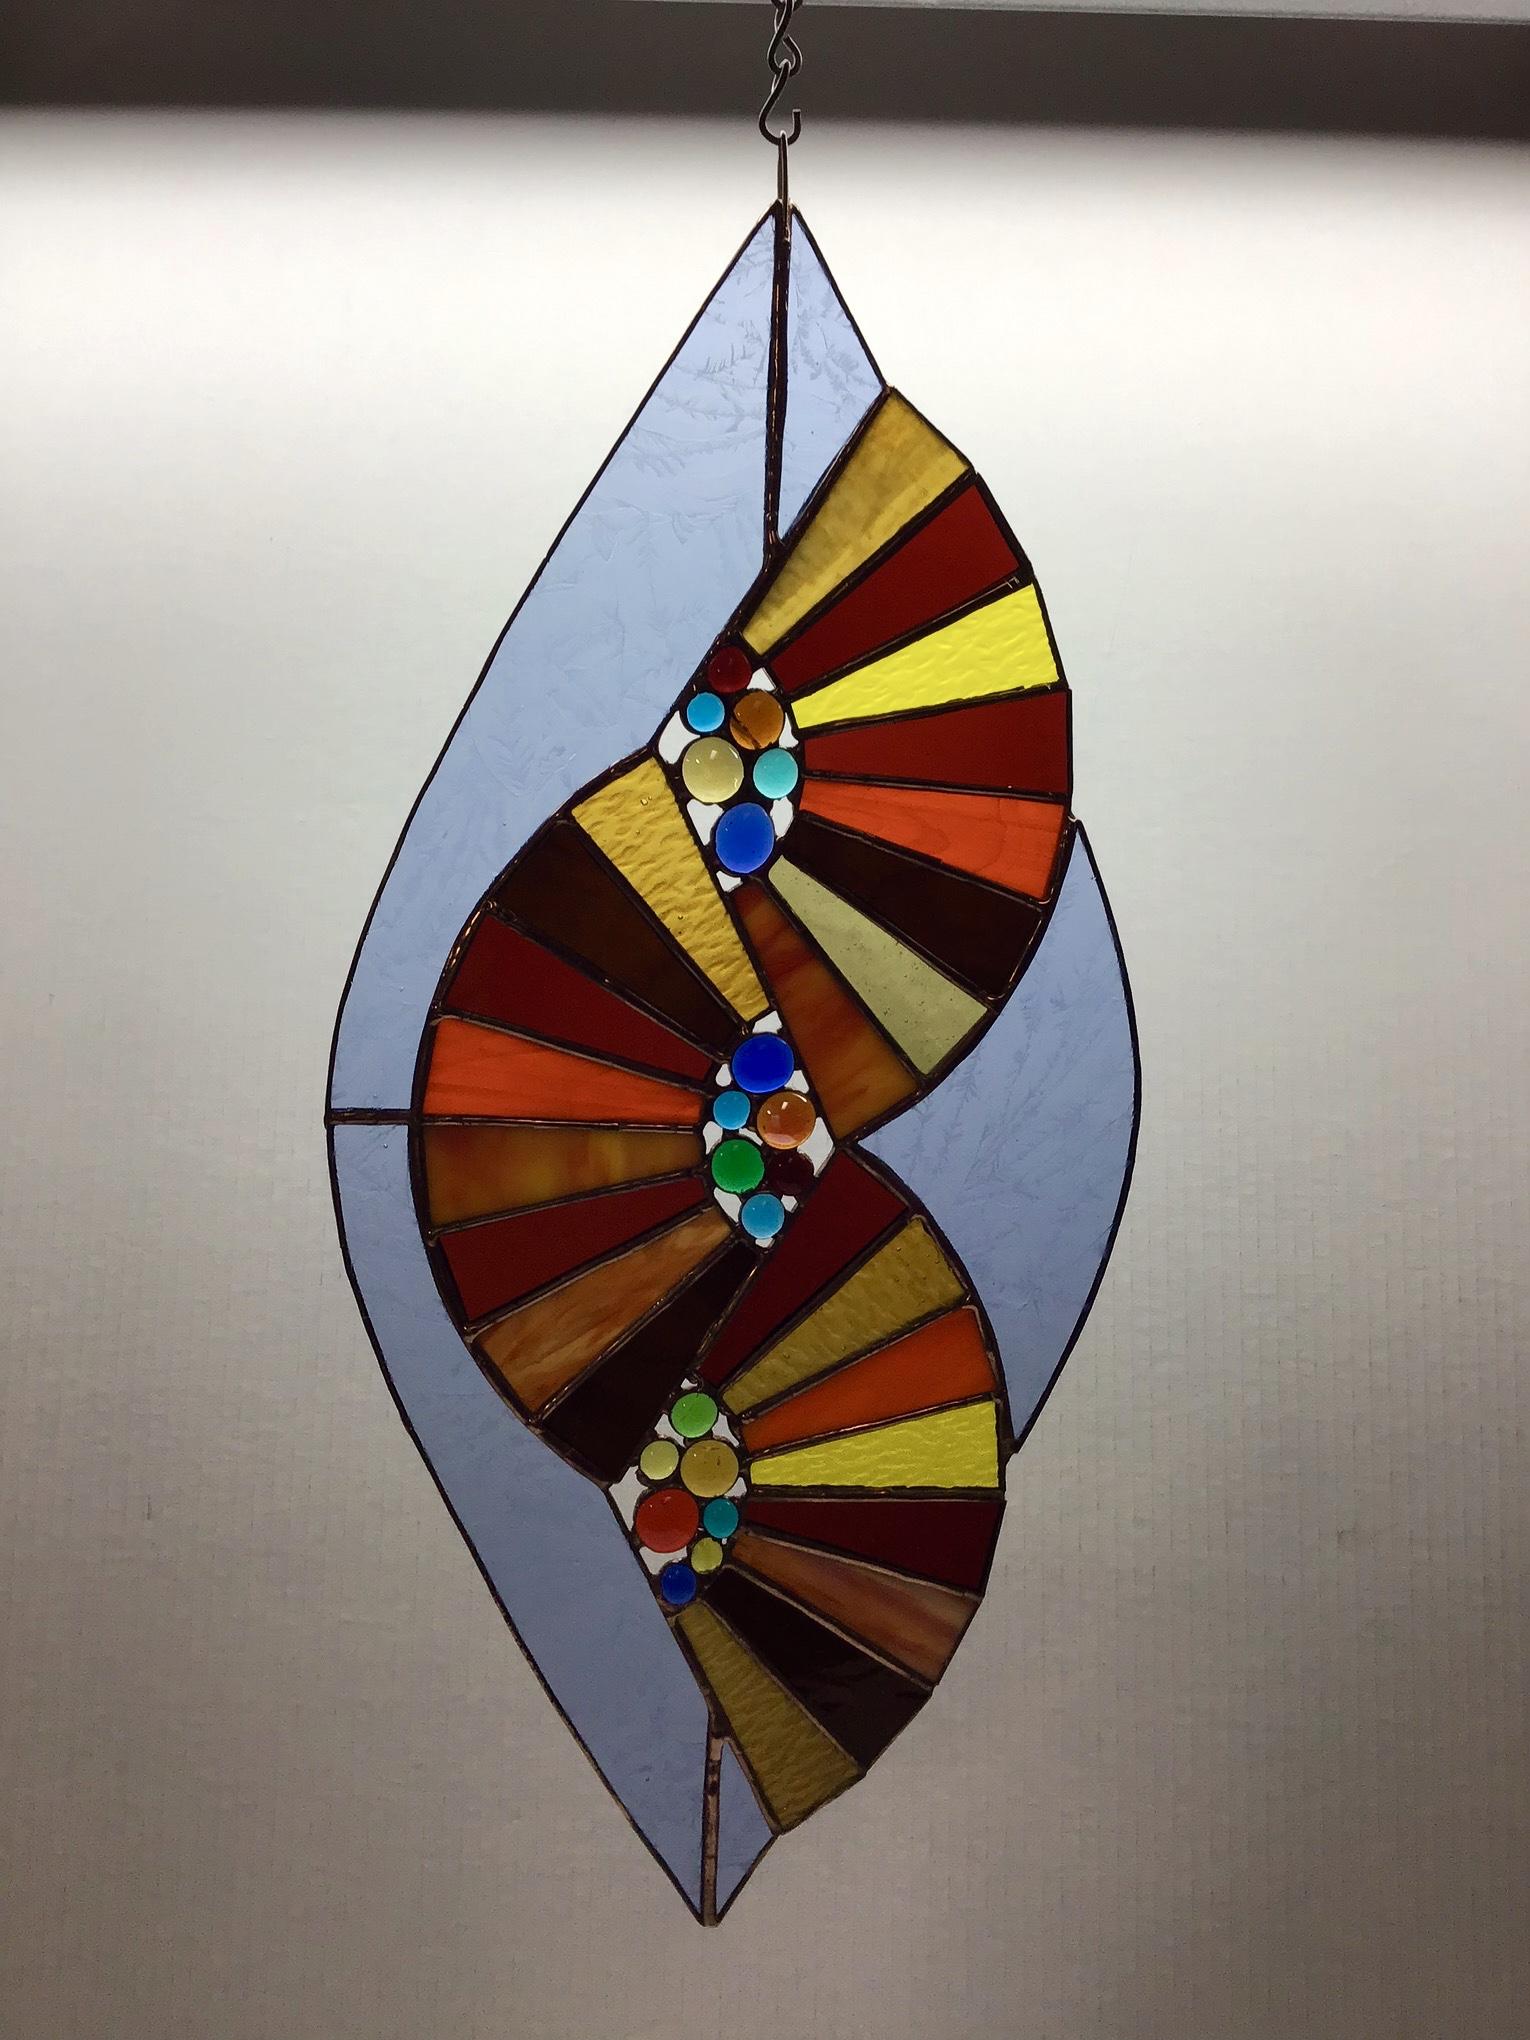 stainedglasstrapezoid